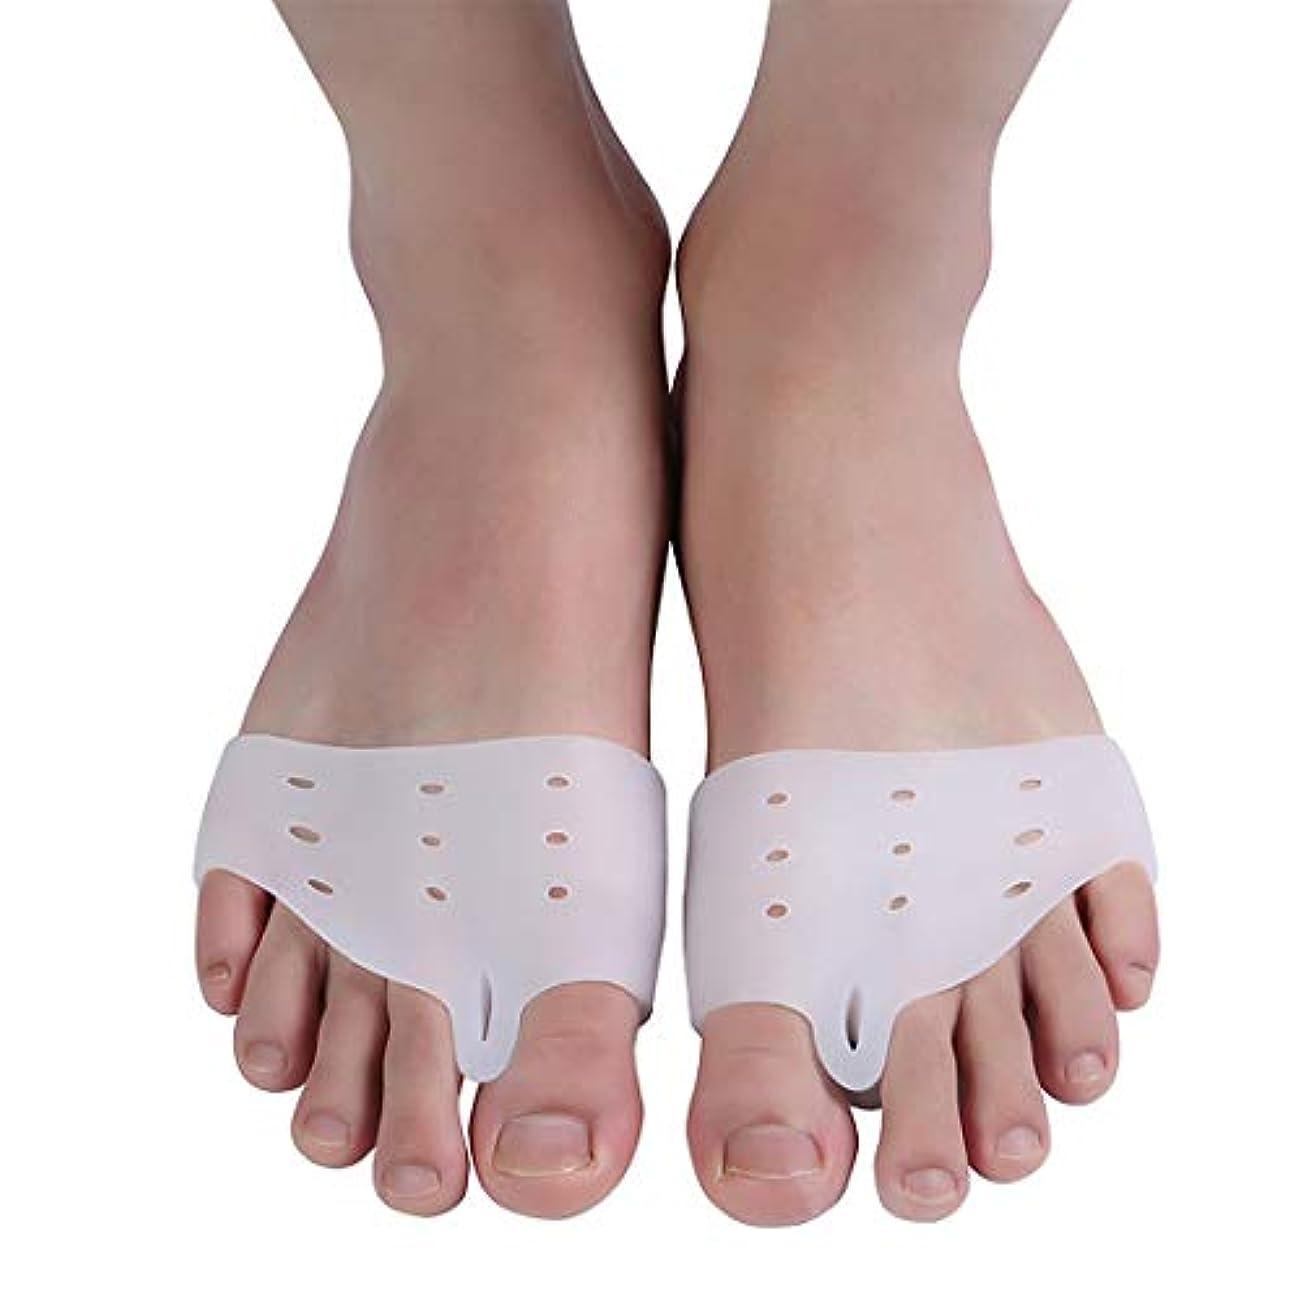 朝の体操をするスカープ再び腱膜瘤矯正と腱膜瘤救済、女性と男性のための整形外科の足の親指矯正、昼夜のサポート、外反母Valの治療と予防